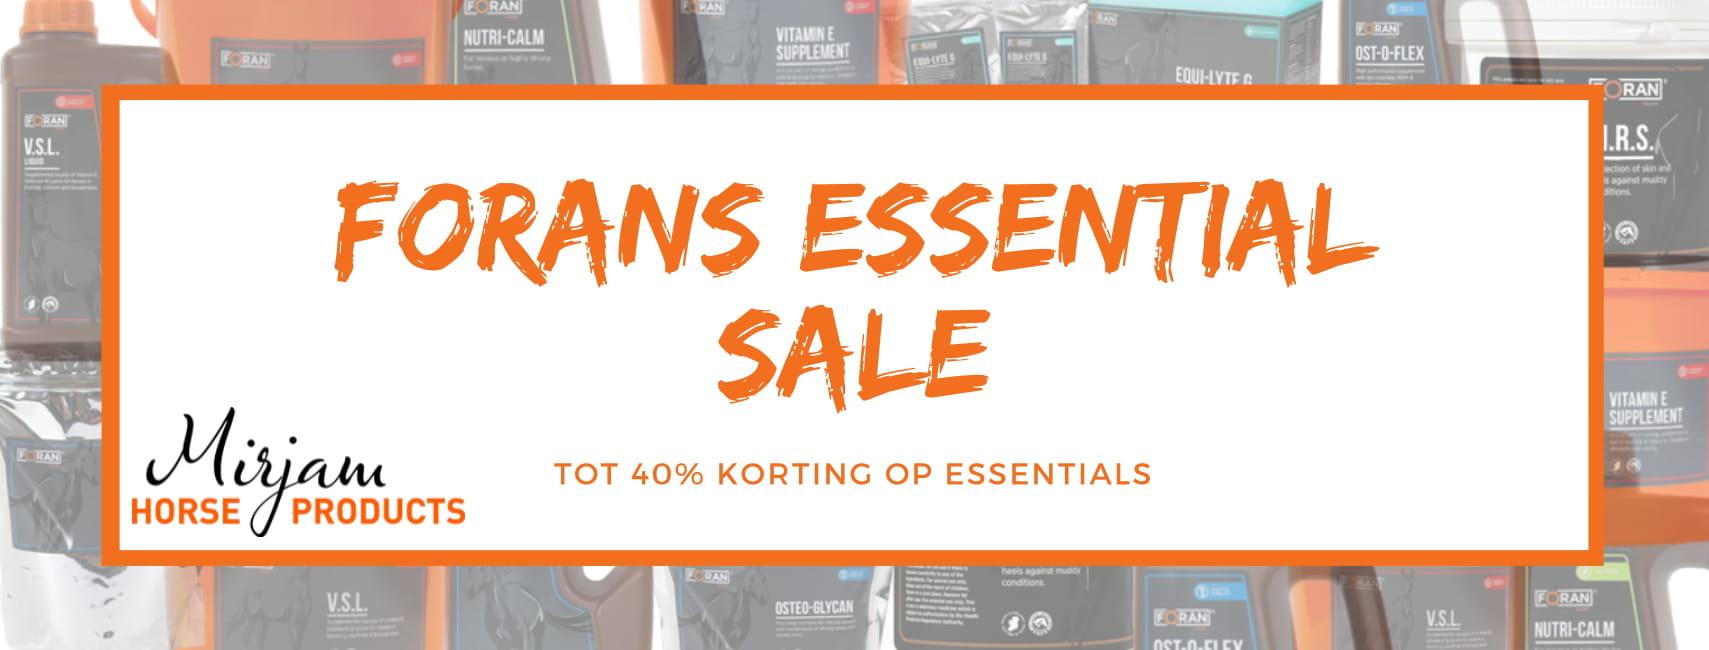 Maak kennis met Foran's Essentials